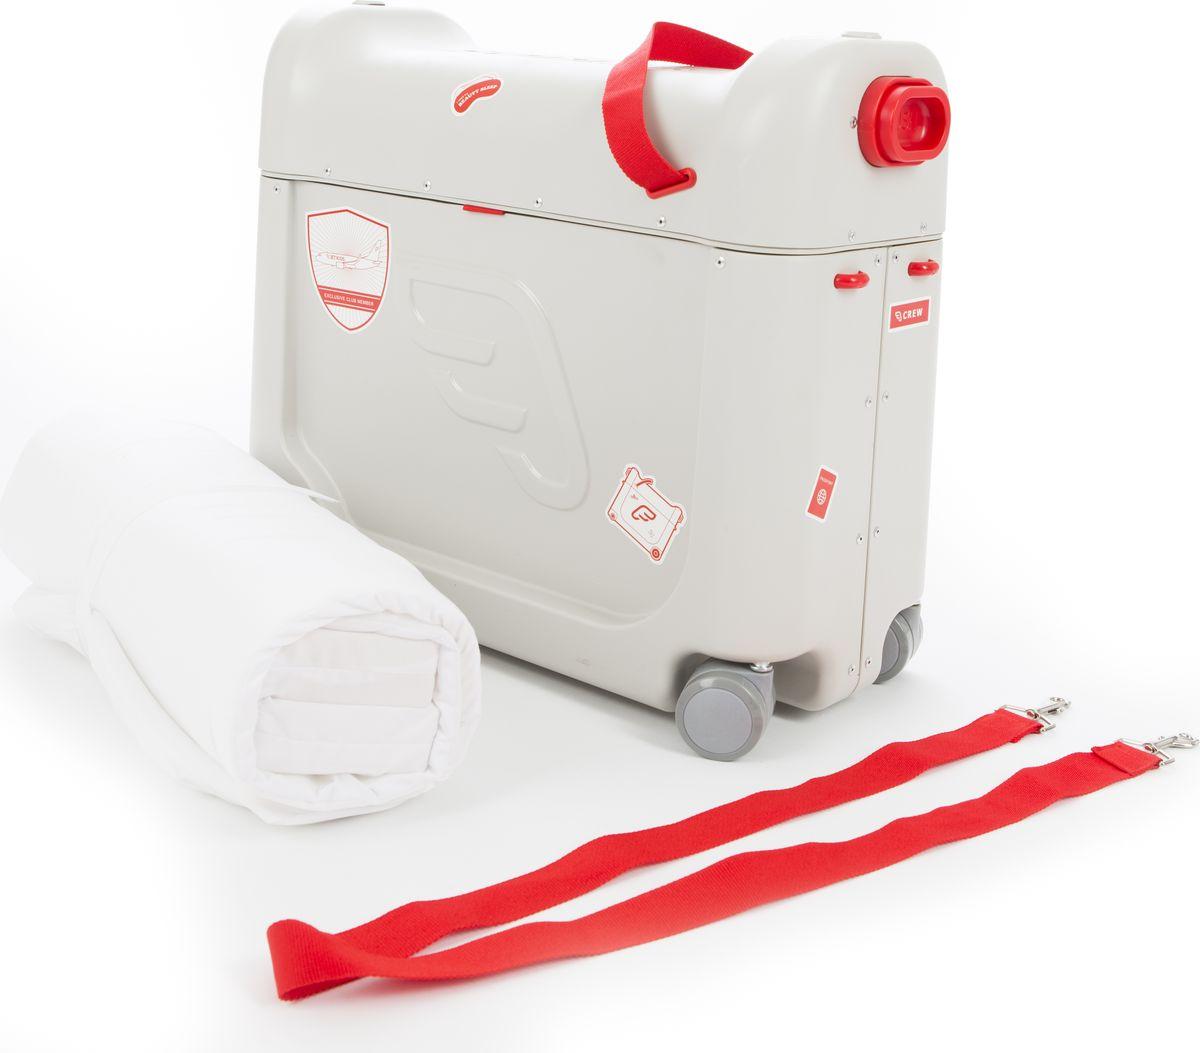 JetKids Чемодан-кроватка детский BedBox цвет красный 46 х 35 х 20 смBEDBOXREDДетский чемодан-кроватка для путешествий JetKids BedBox - Это не просто чемодан, а настоящий дом на колесах! В самолете девайс трансформируется в кровать с матрасом, а на самом чемодане дети могут кататься по аэропорту, маневрируя на вращающихся вокруг своей оси колесах и еще он очень вместительный! Характеристики: - Чемодан весит всего 3 кг, включая матрас; - Габариты (ДxШxВ): 46 см x 35 см x 20 см; - Размеры JetKids BedBoх подходят под все современные требования авиакомпаний для ручной клади; - Поворотные передние колеса обеспечивают легкое маневрирование; - Матрас и боковые подушки («бортики») подлежат ручной стирке и сушке на воздухе; - Объем чемодана – 20 литров, и в нем достаточно места для любимых вещей; - Легкая установка; - Универсальное изделие, которое подходит к большинству стандартных кресел в салонах эконом-класса; - Максимальный вес пользователя: 35 кг.